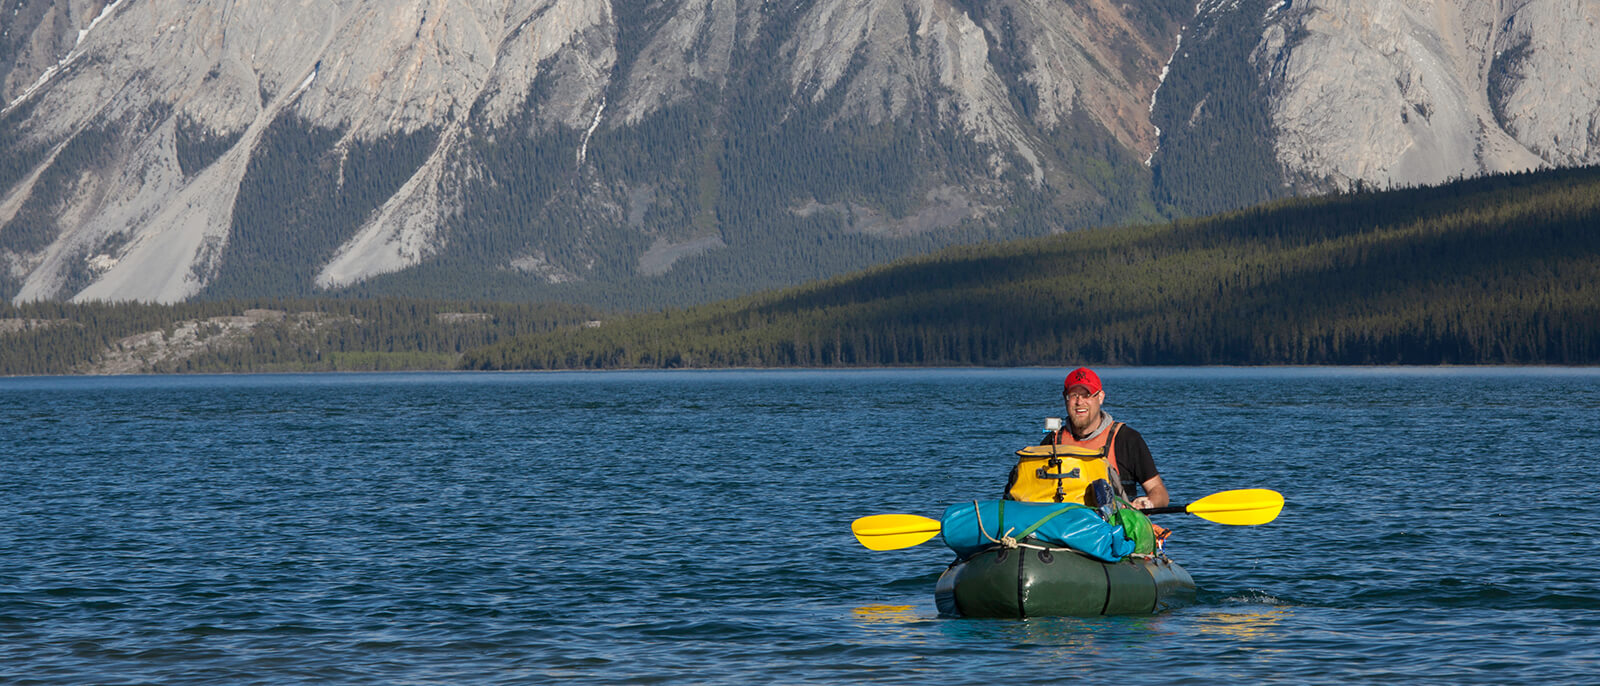 robert neu im schlauchboot mit gepaeck im wasser mit paddel in alaska